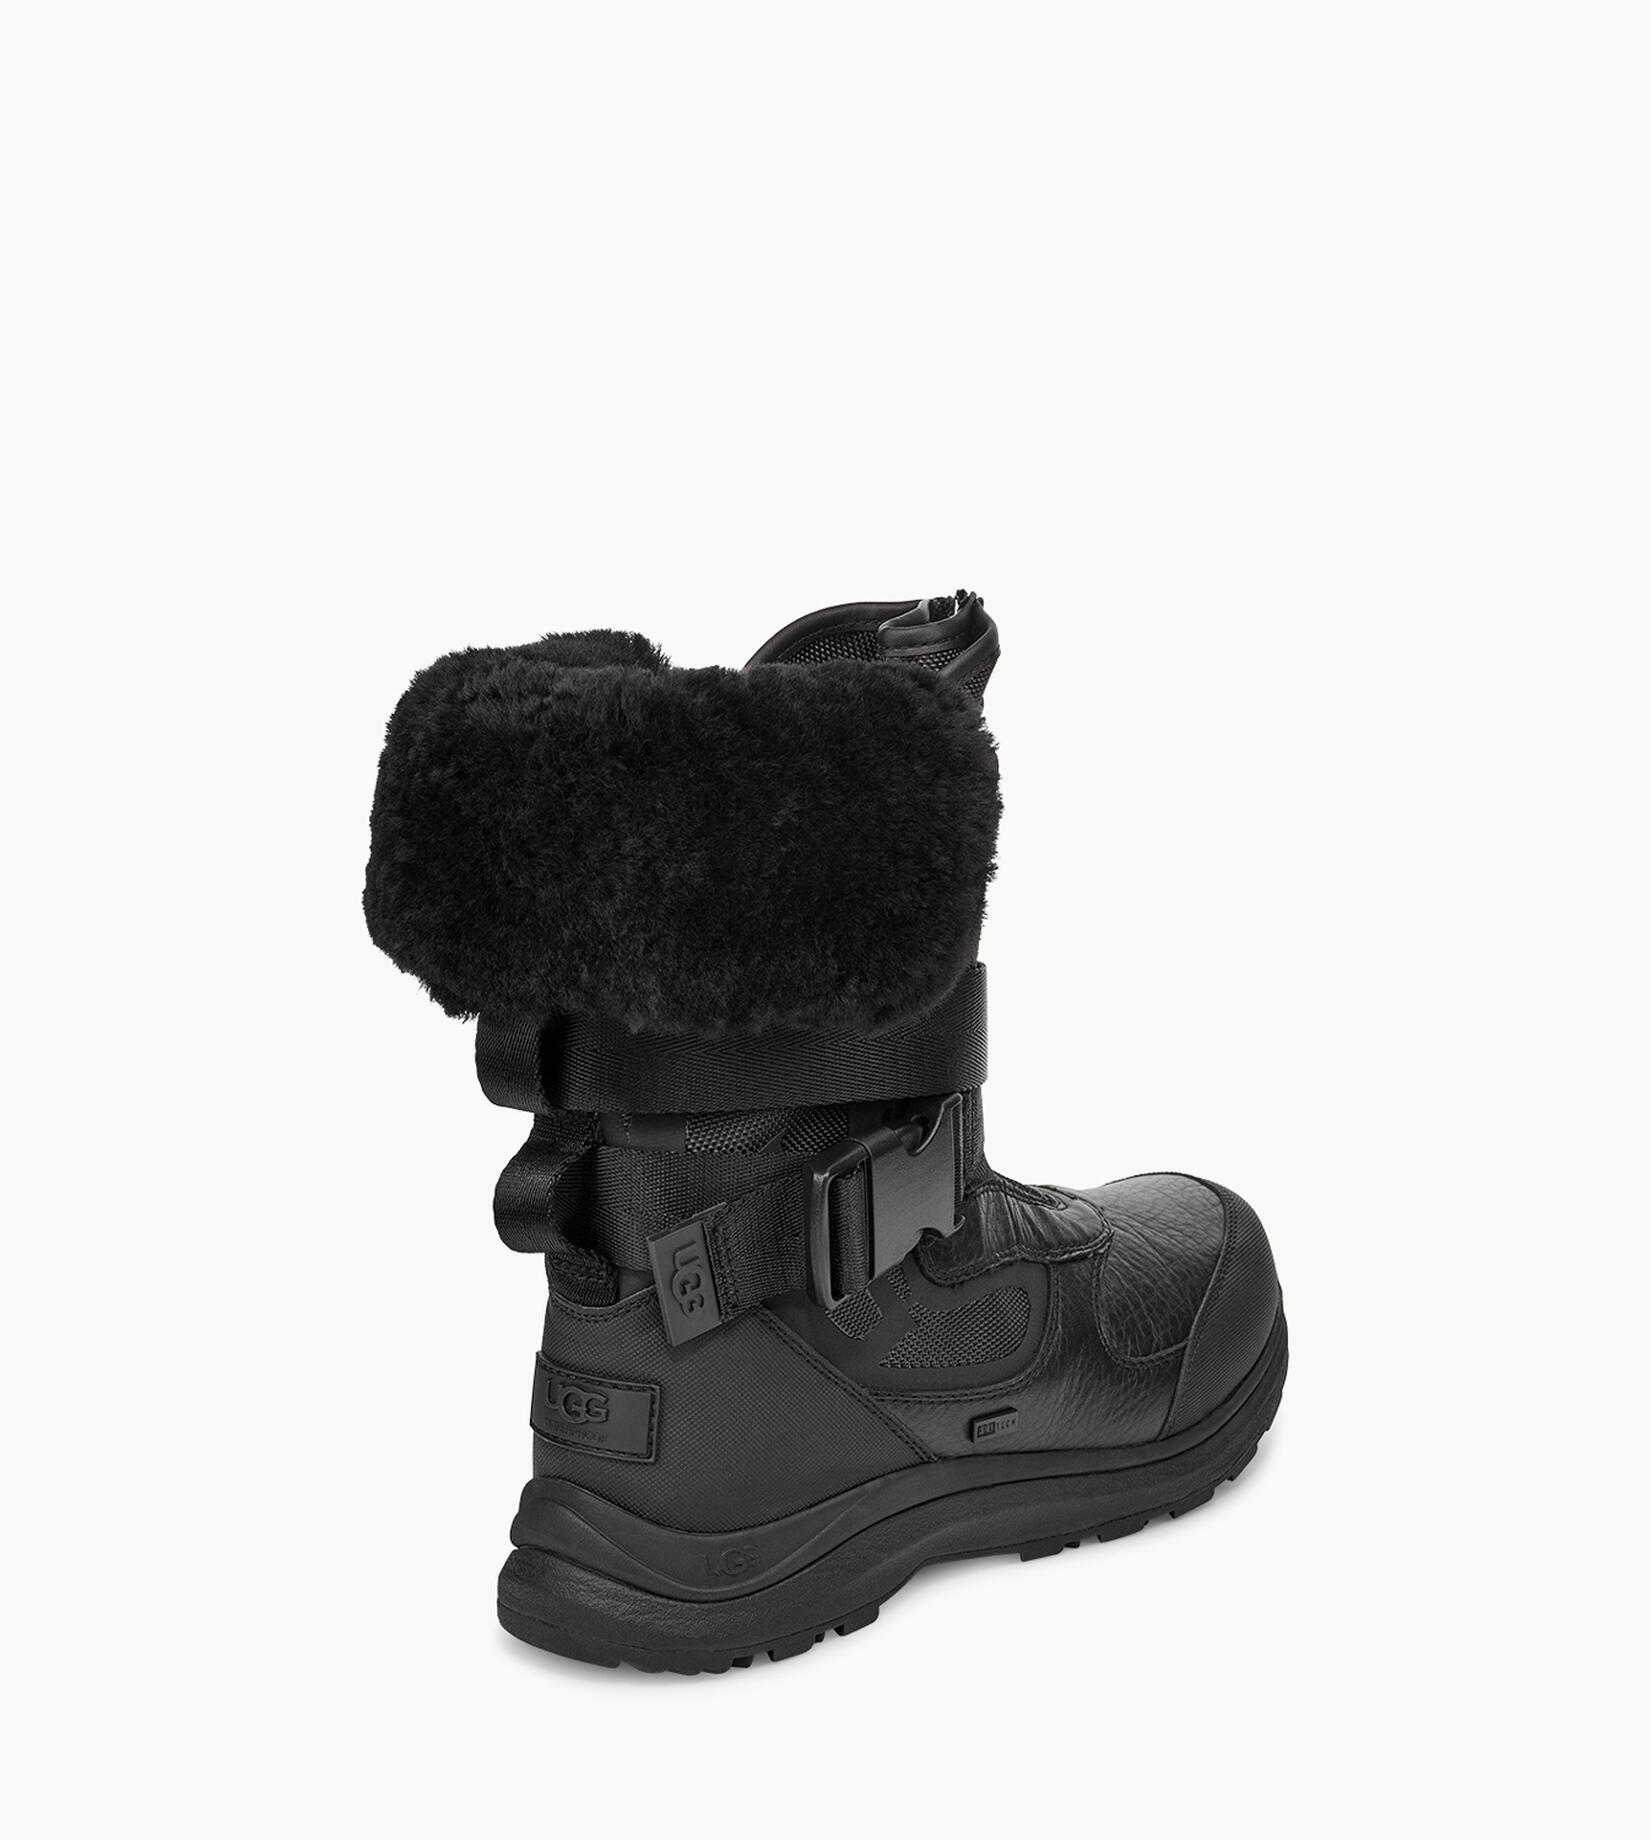 Tahoe Laarzen voor Koud Weer